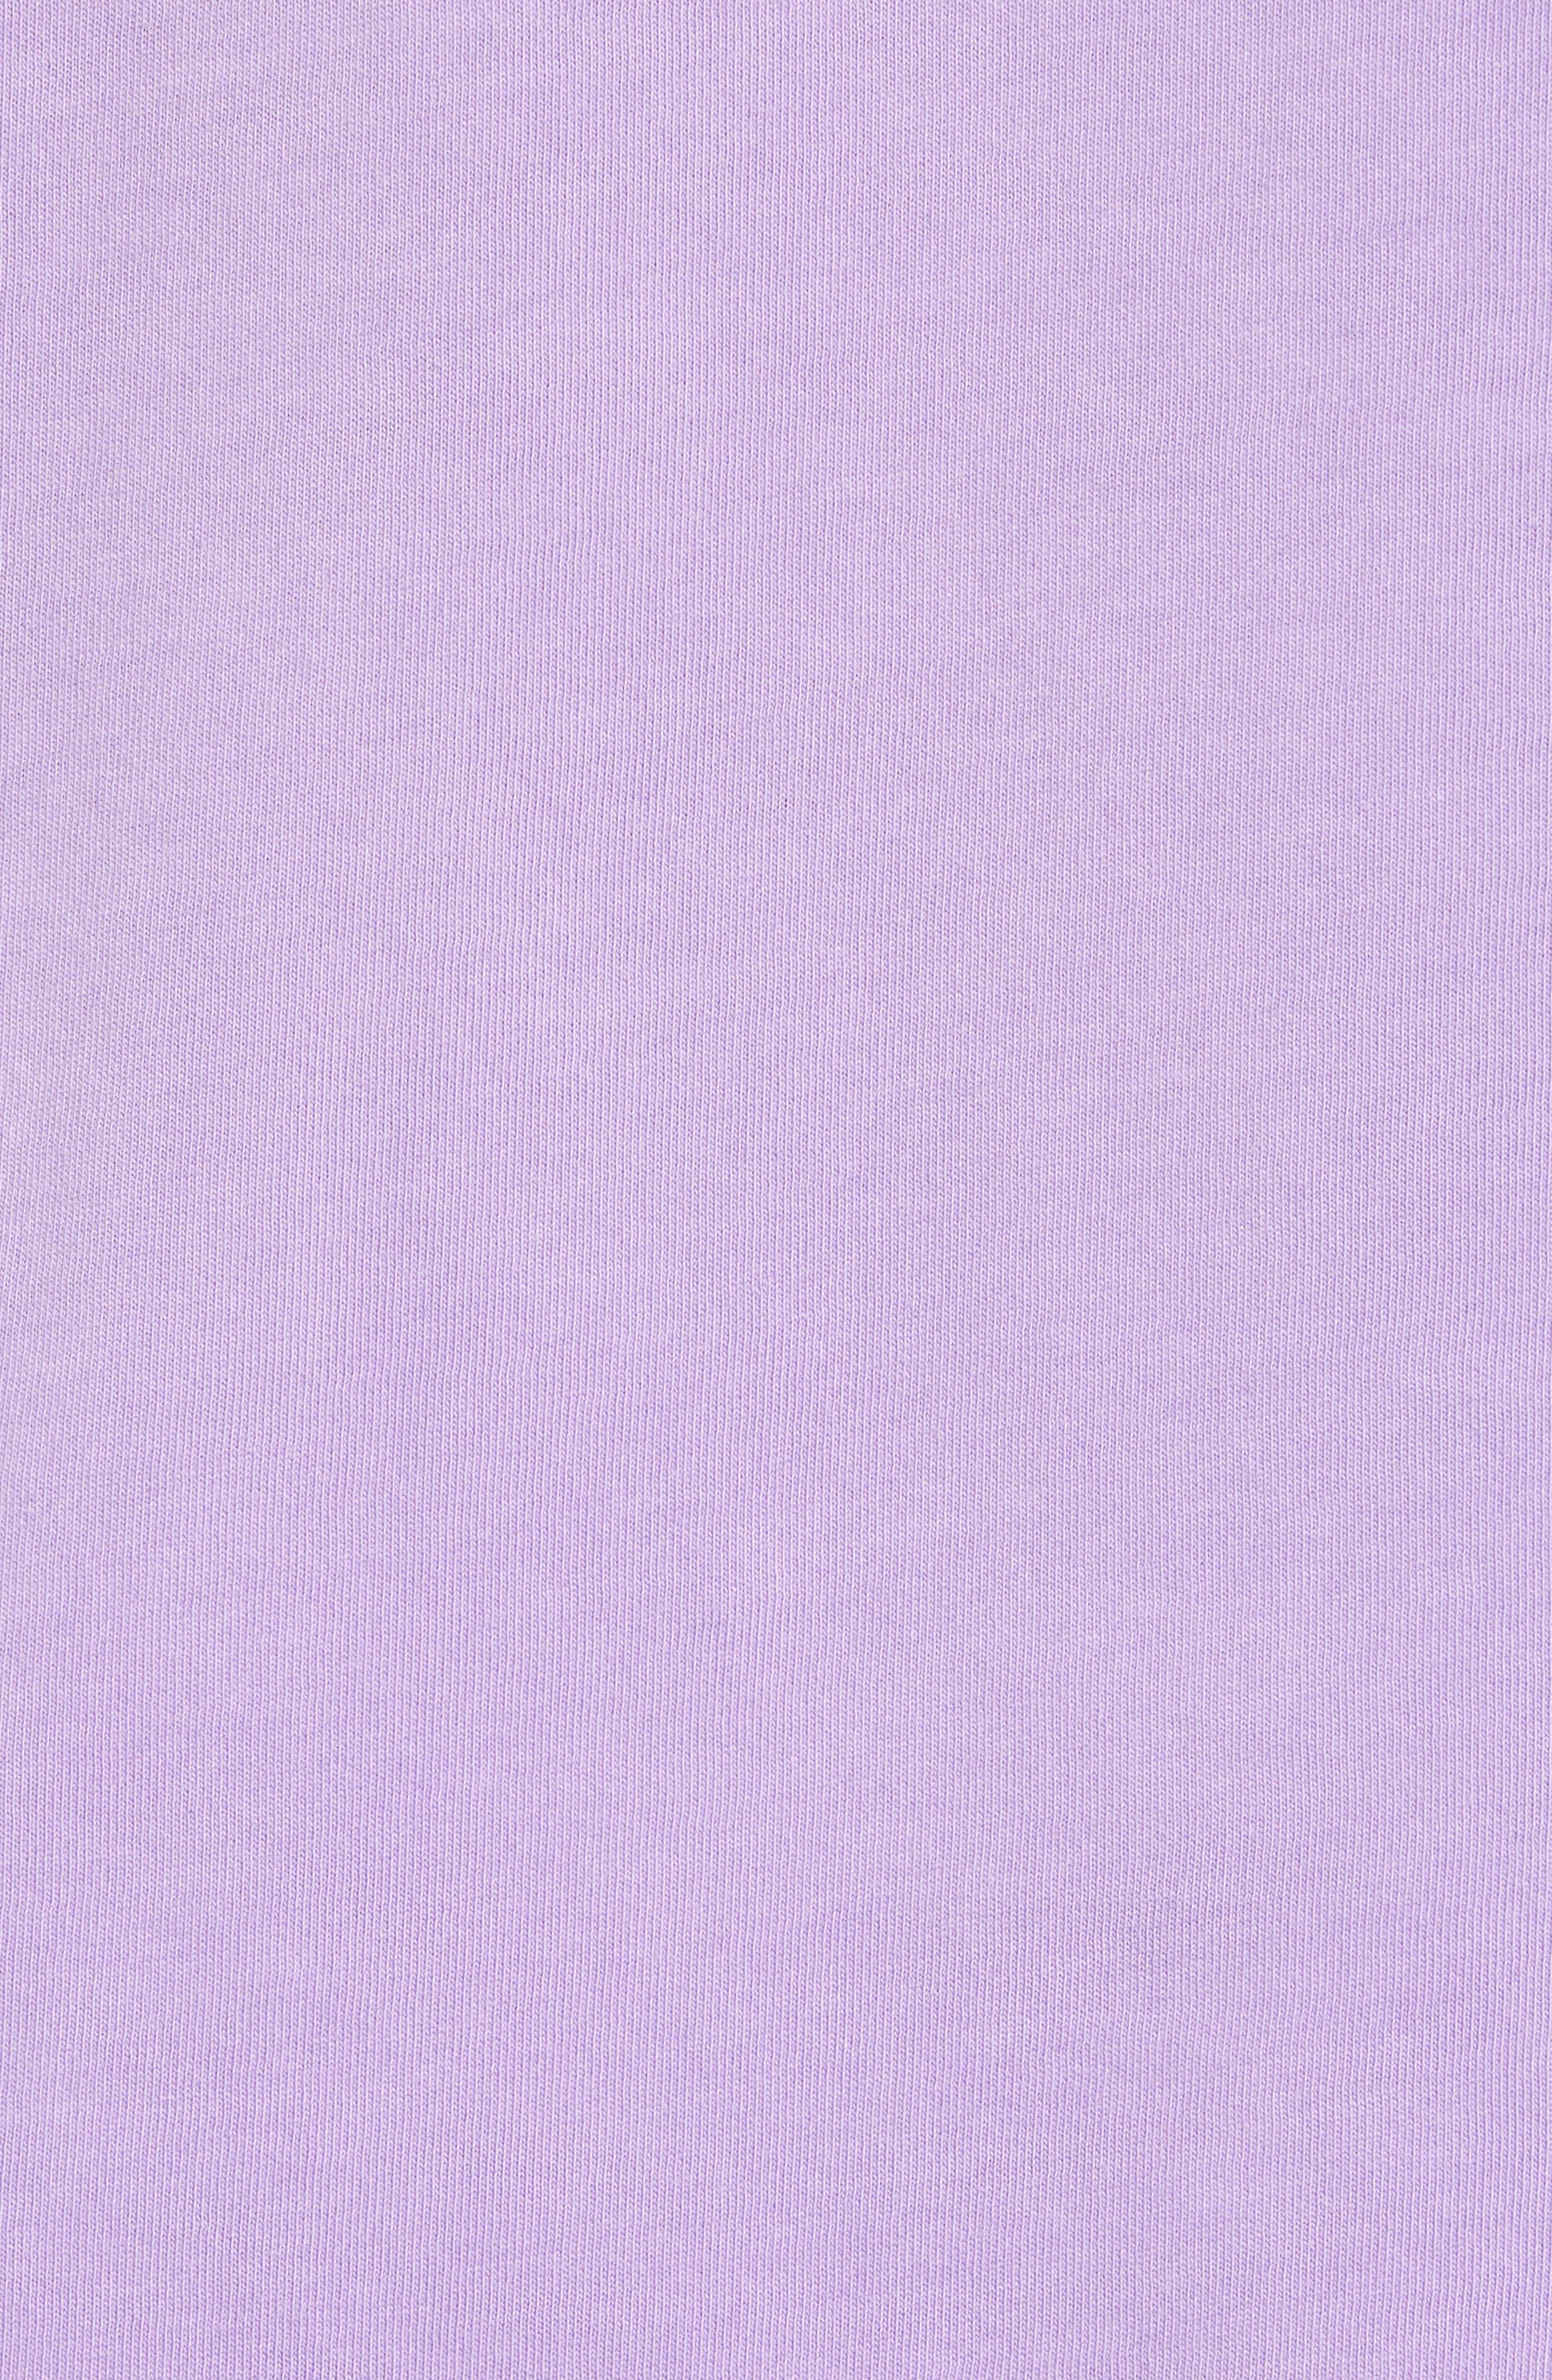 Tropical Crest Pima Cotton Pocket T-Shirt,                             Alternate thumbnail 5, color,